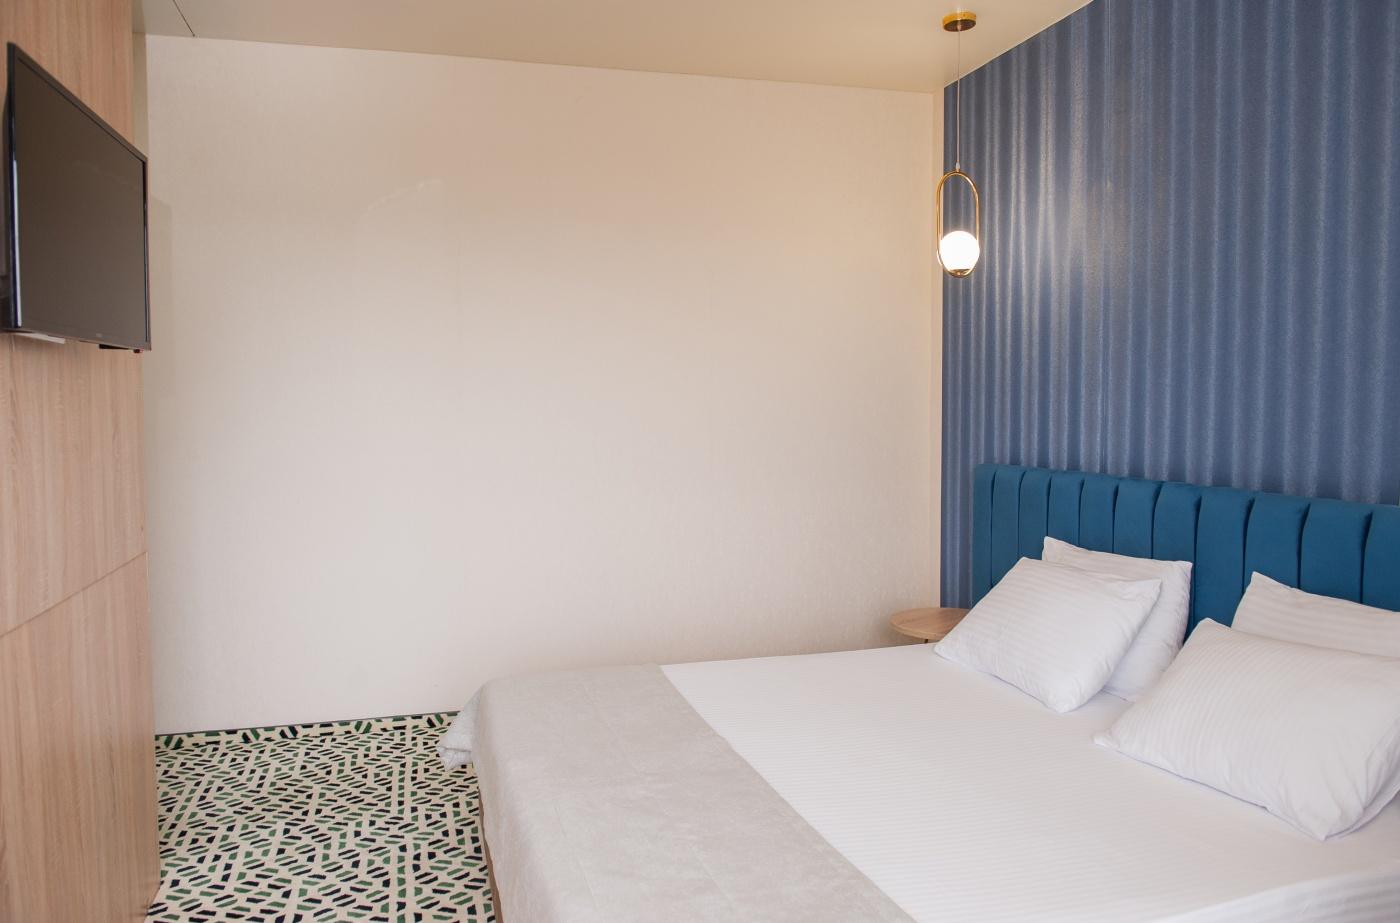 Отель «Aurum Family Resort & Spa» Краснодарский край Superior 2-местный , фото 3